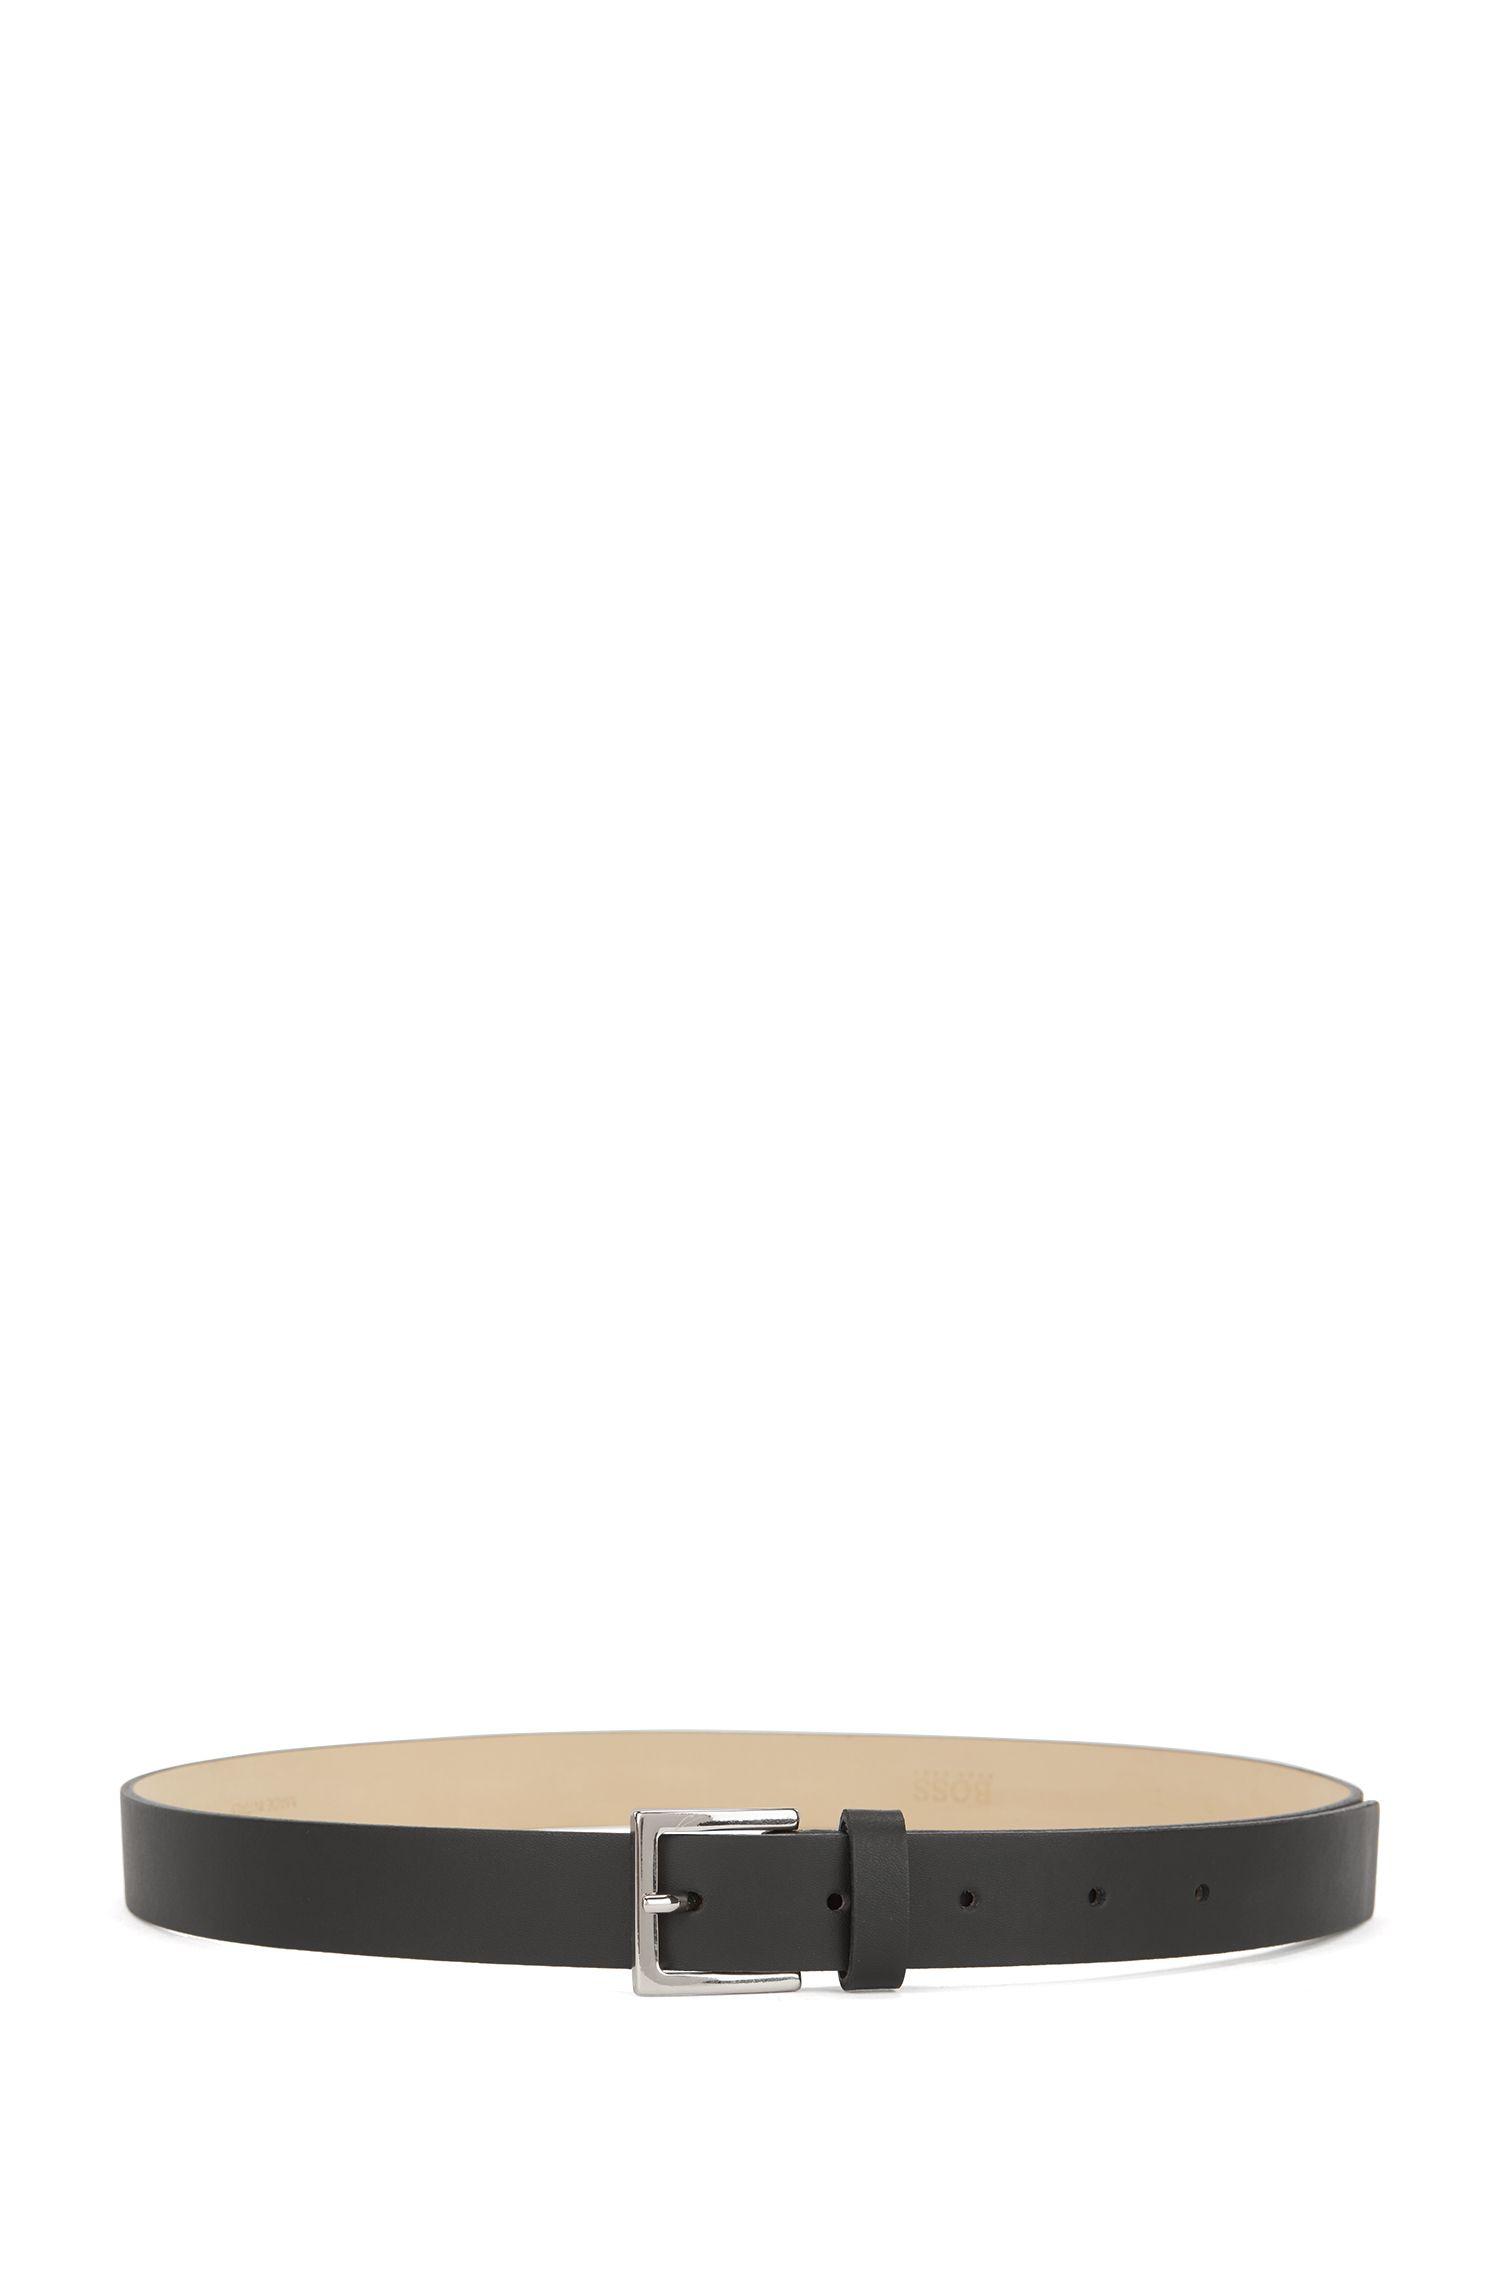 'Brede' | Leather Skinny Belt